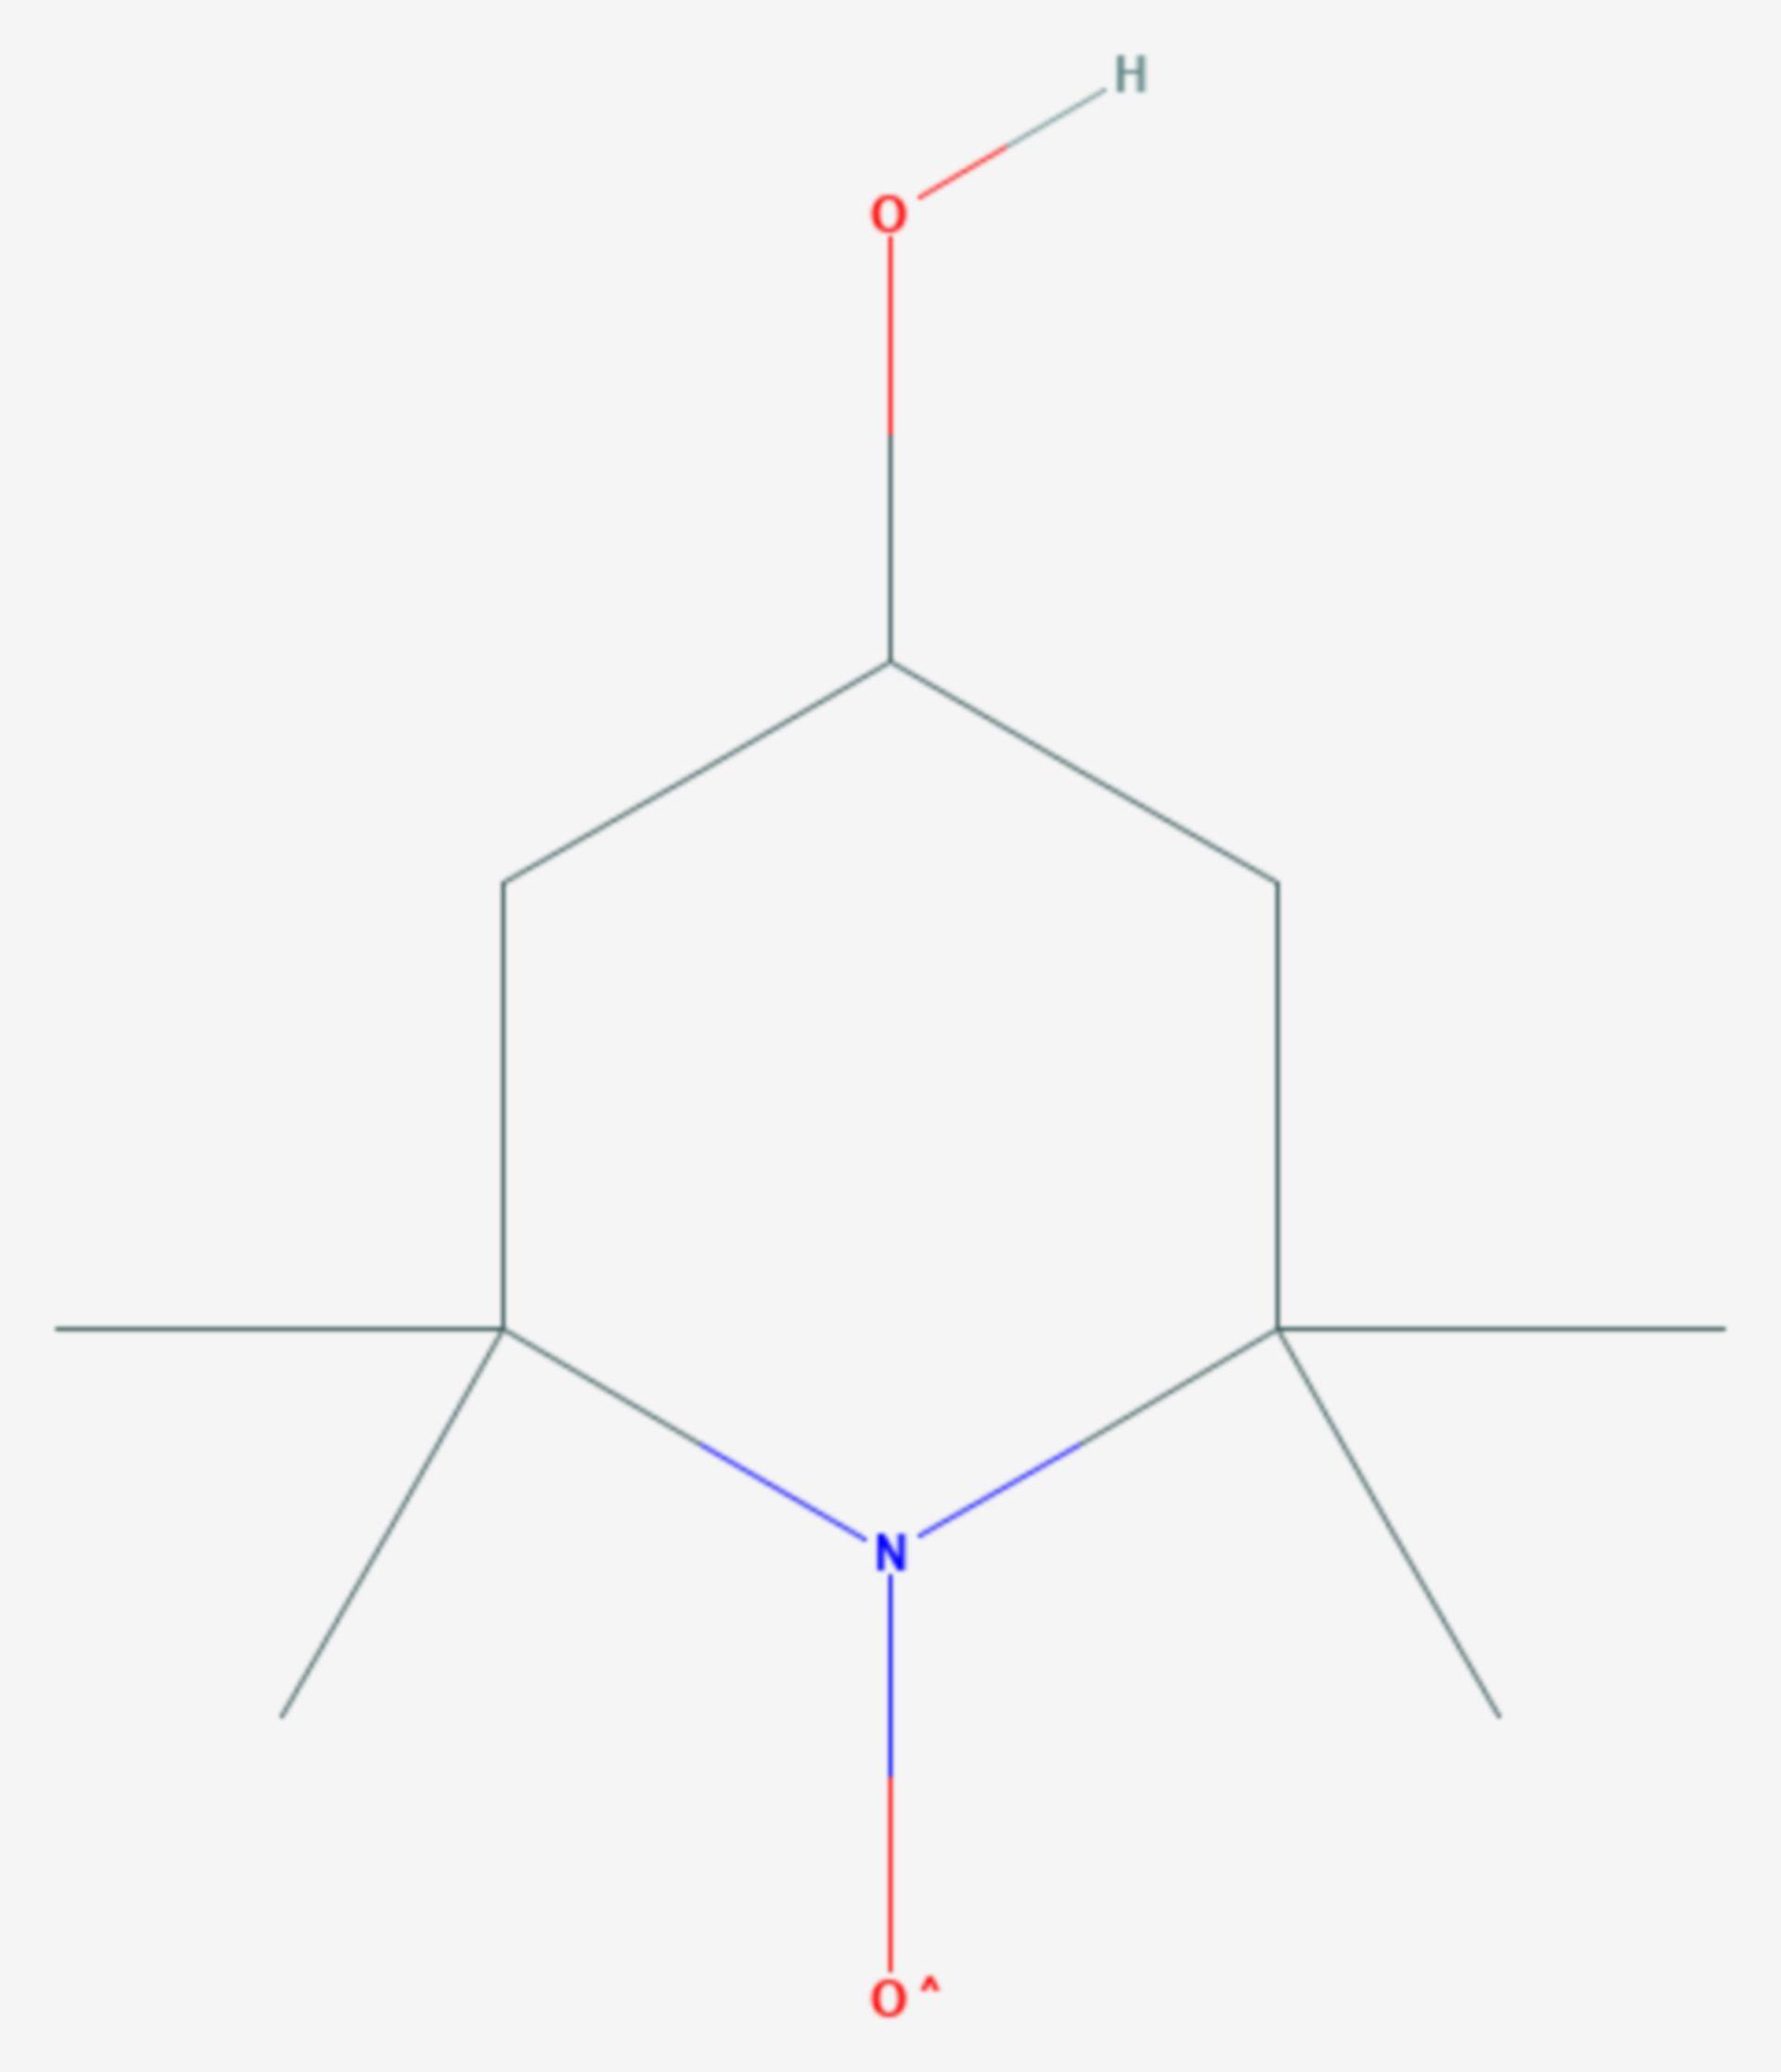 4-Hydroxy-2,2,6,6-tetramethylpiperidinyloxyl (Strukturformel)